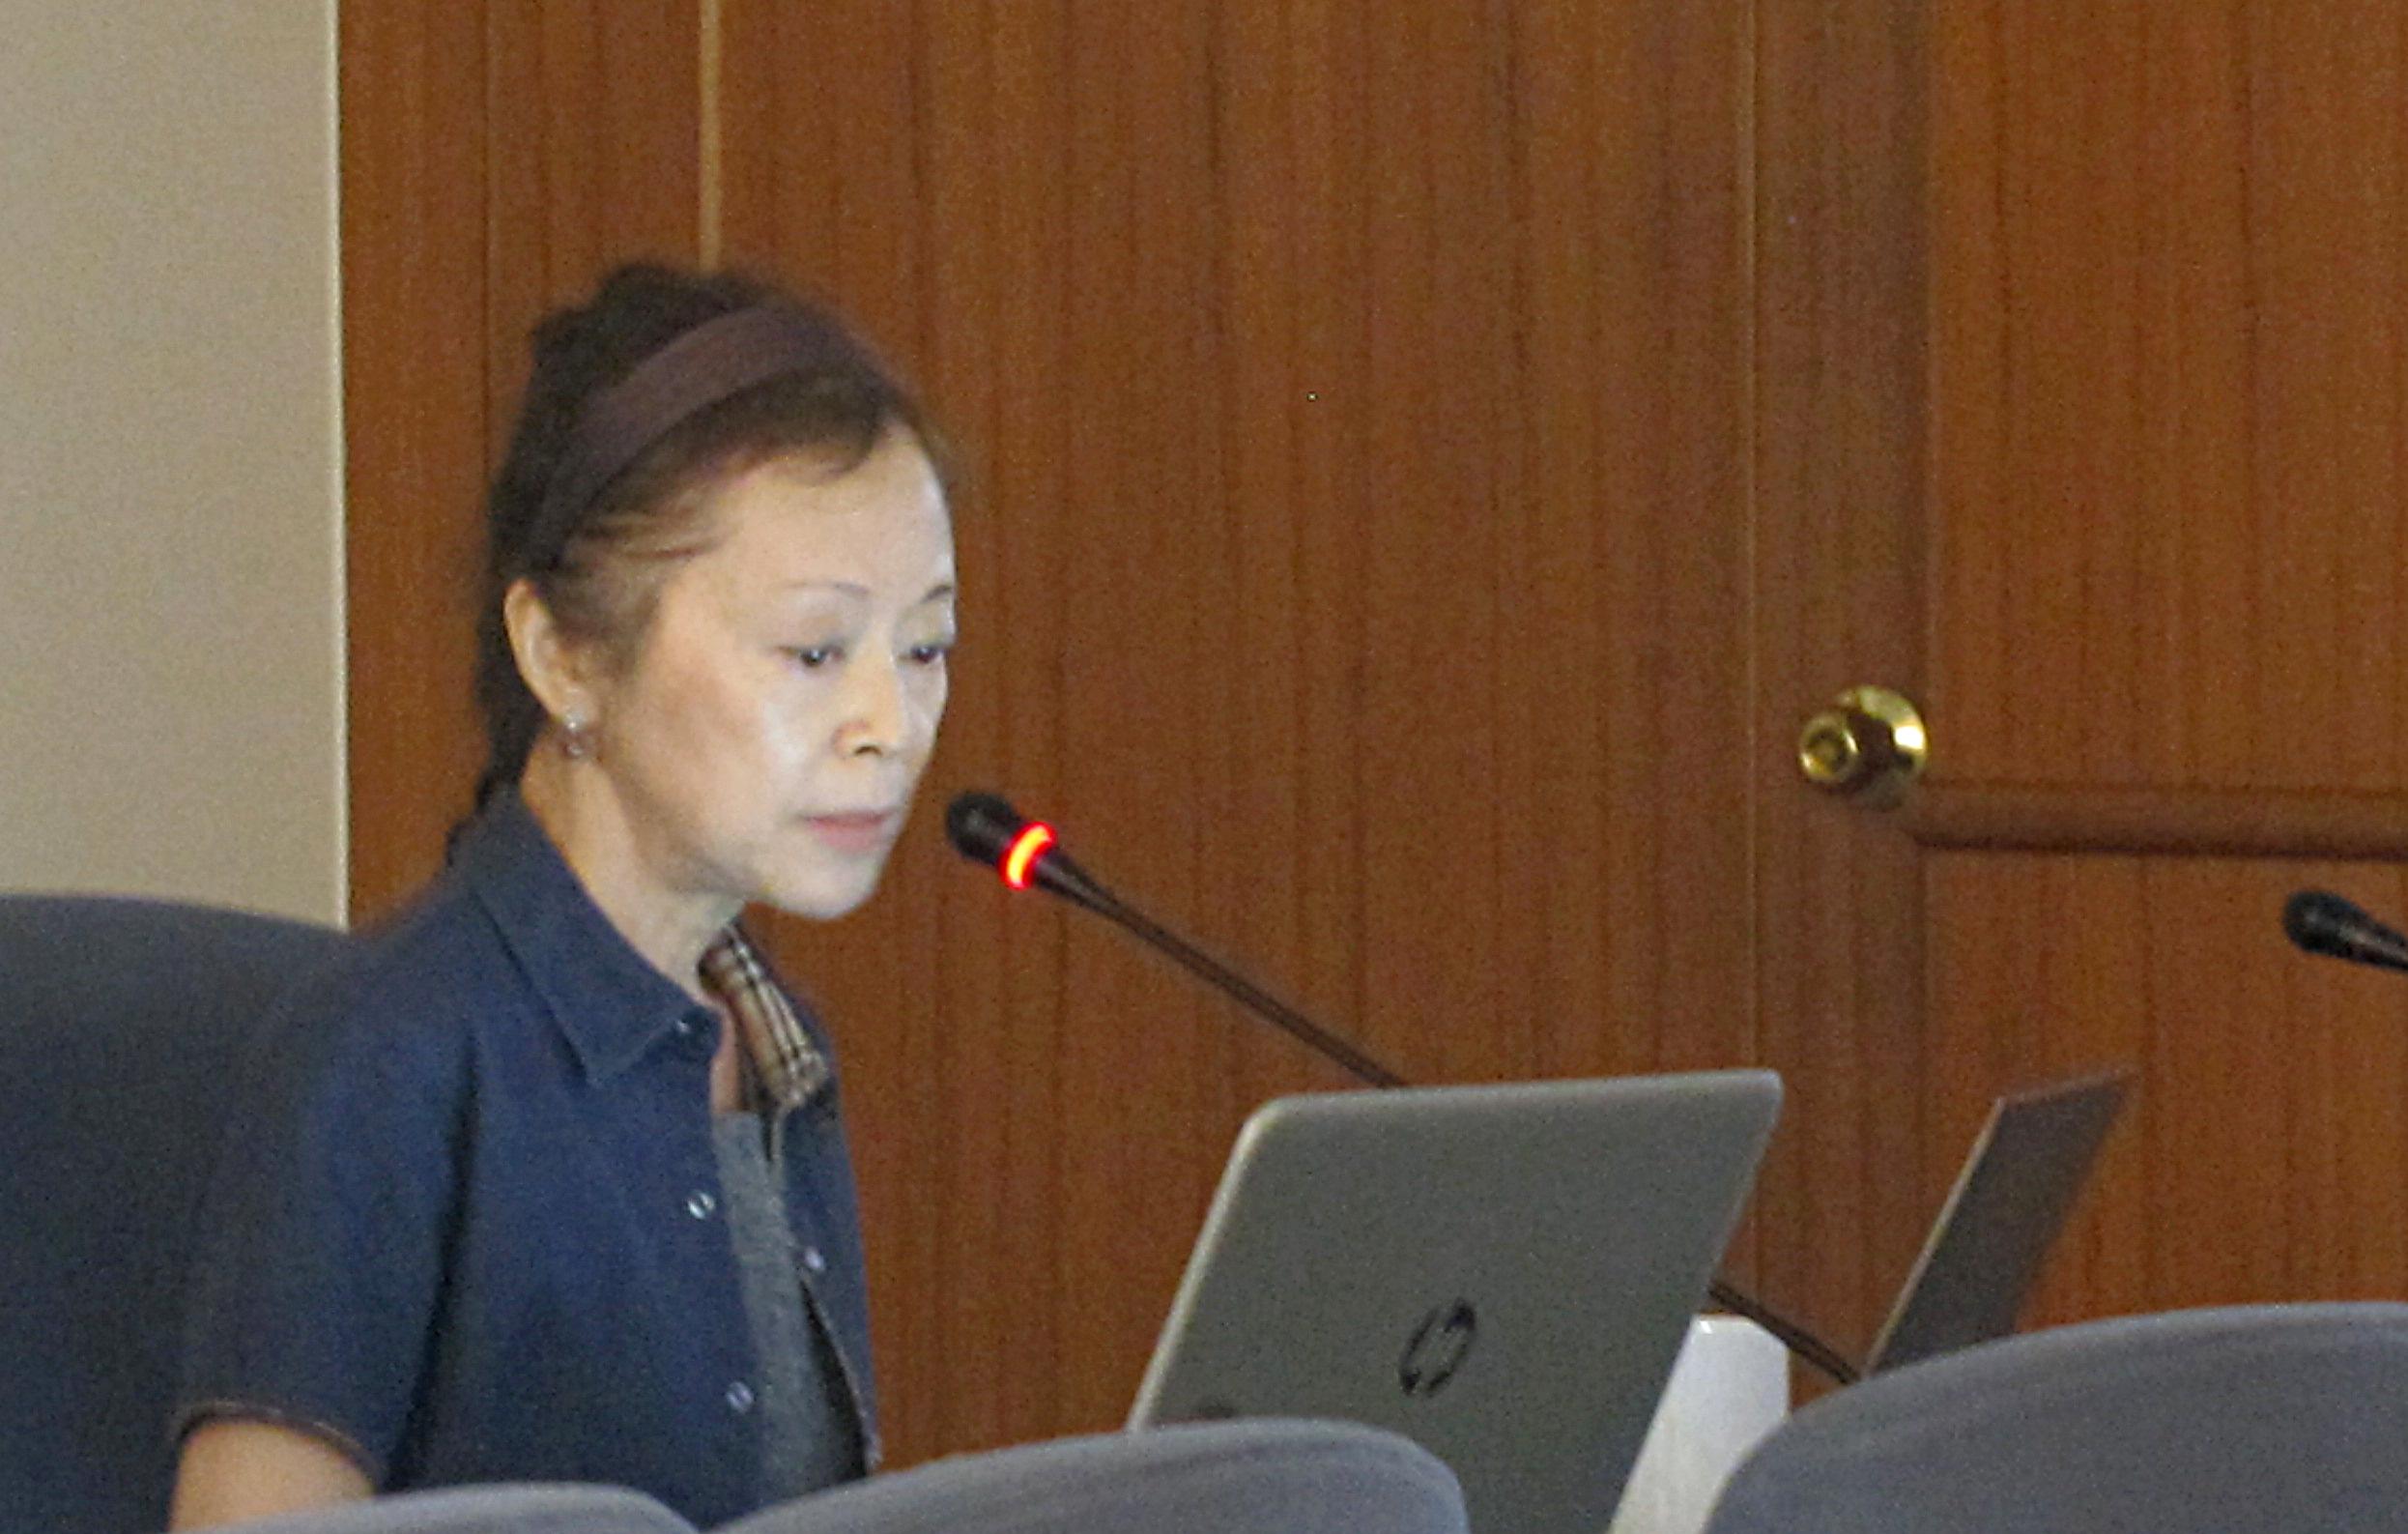 劉晞儀教授演講「法國紀實性政治圖像對乾隆宮廷繪畫的多元啟發」紀要